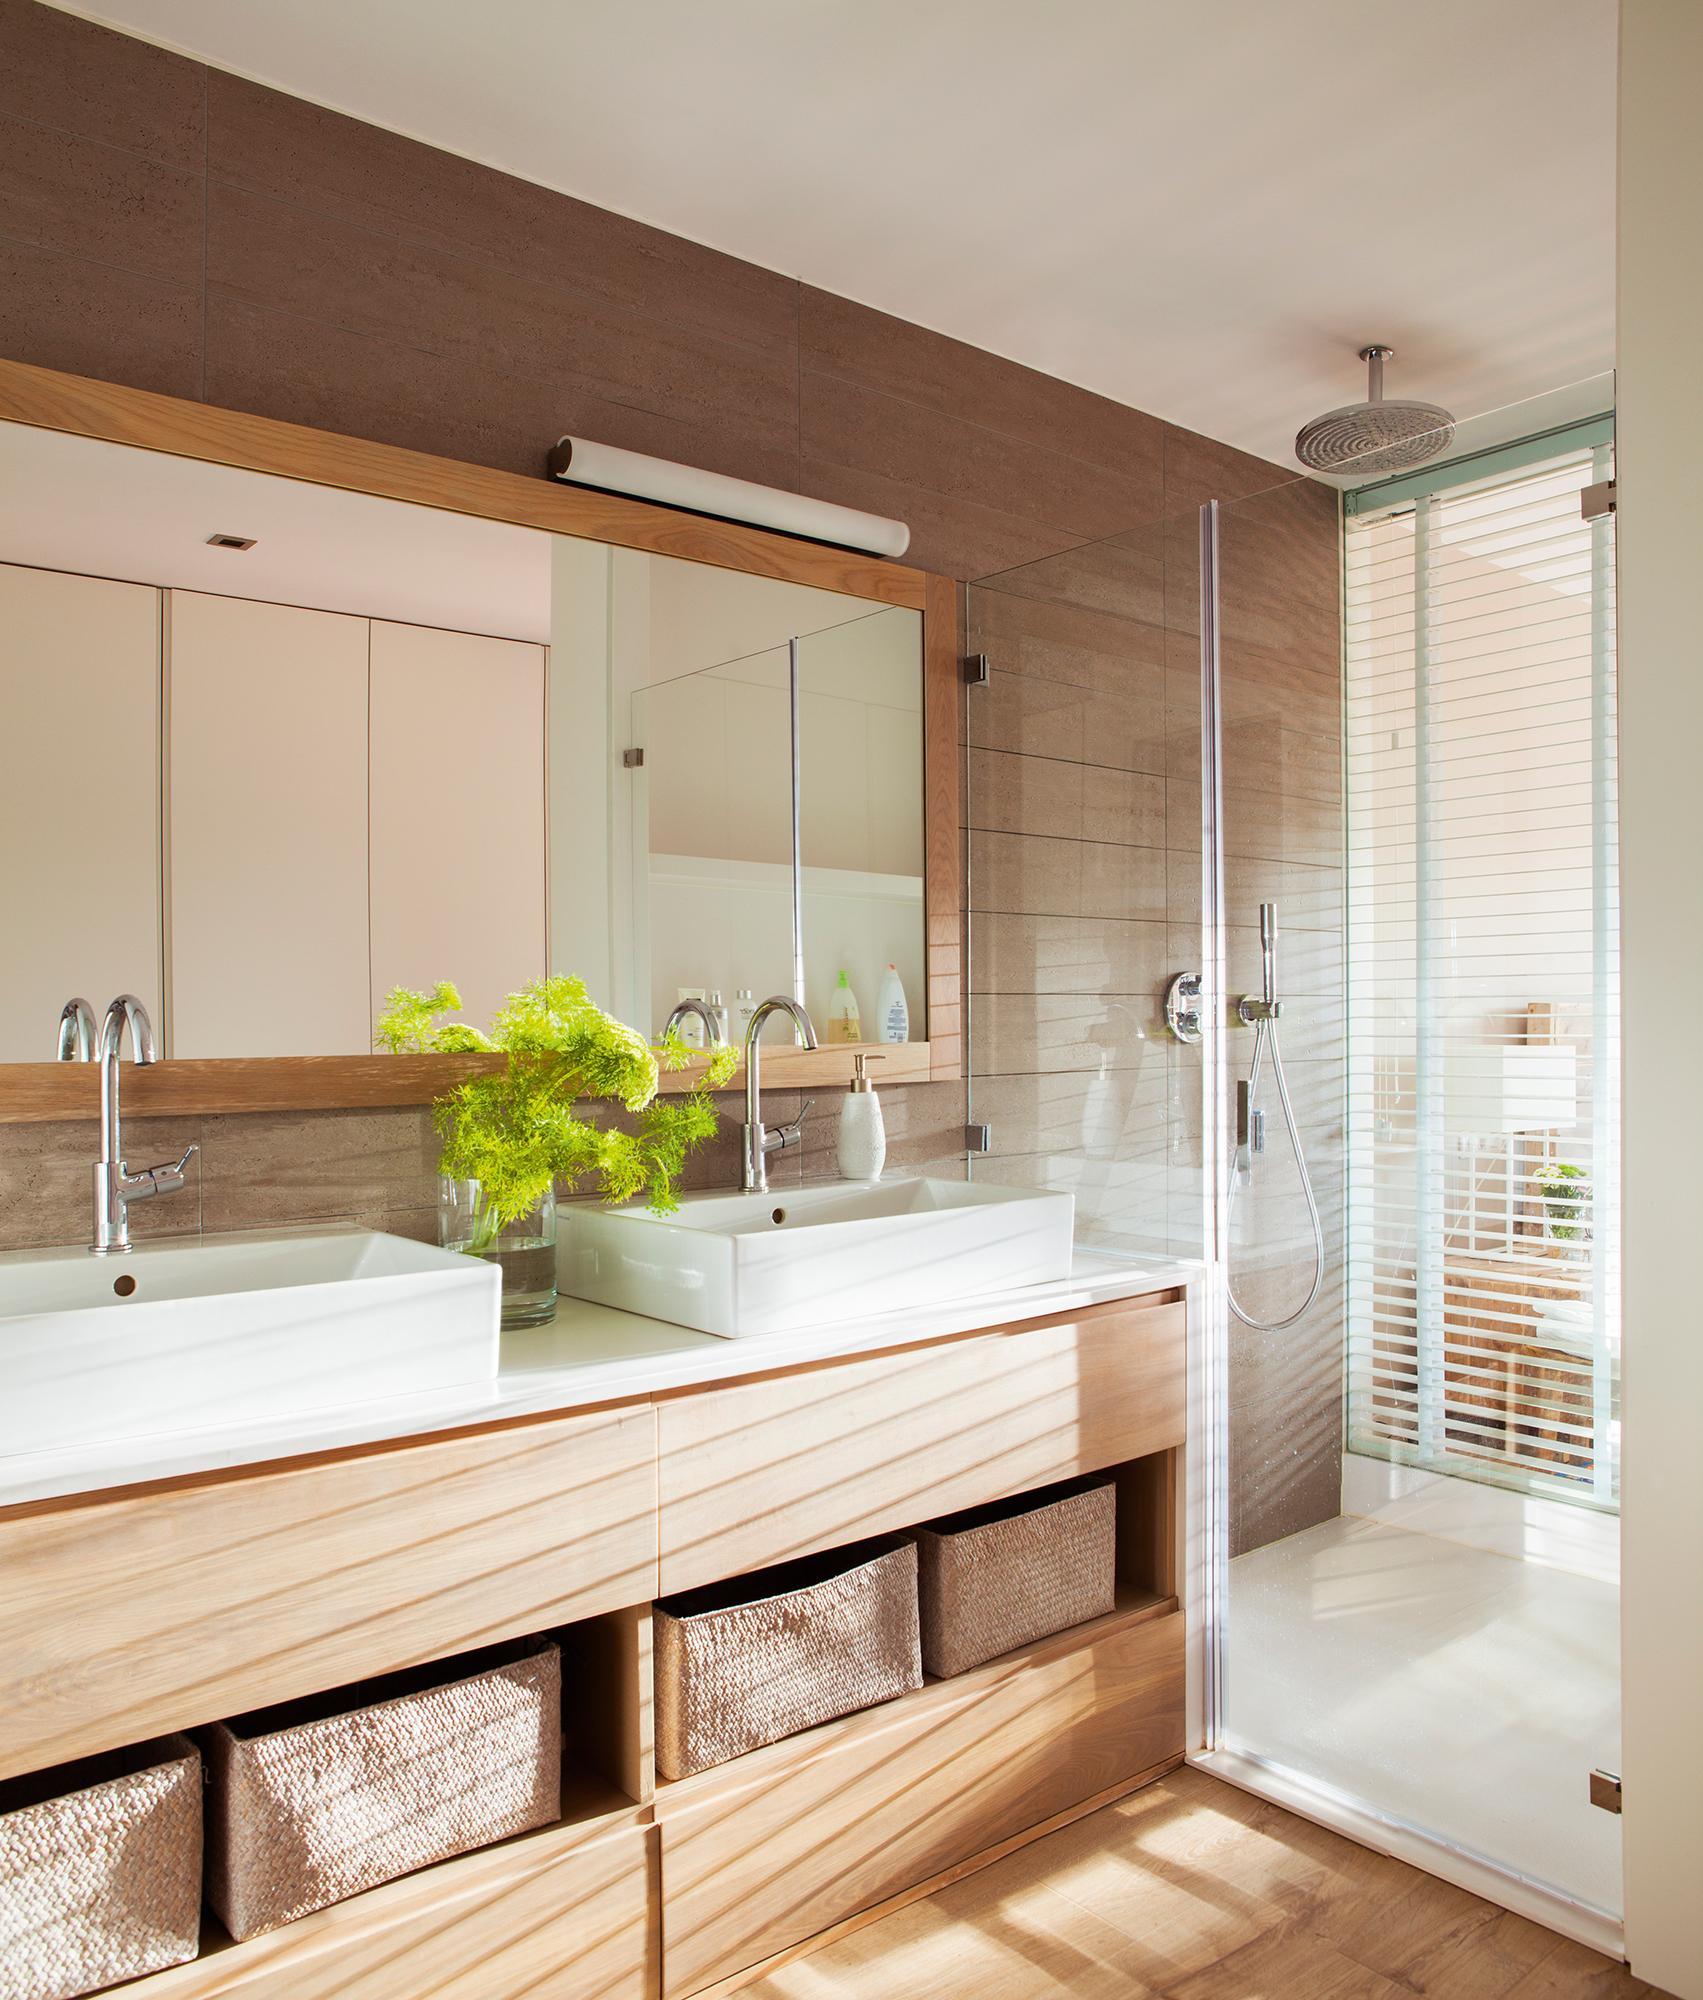 Ba era o ducha pros y contras y claves para elegir - Cuartos de bano con ducha fotos ...